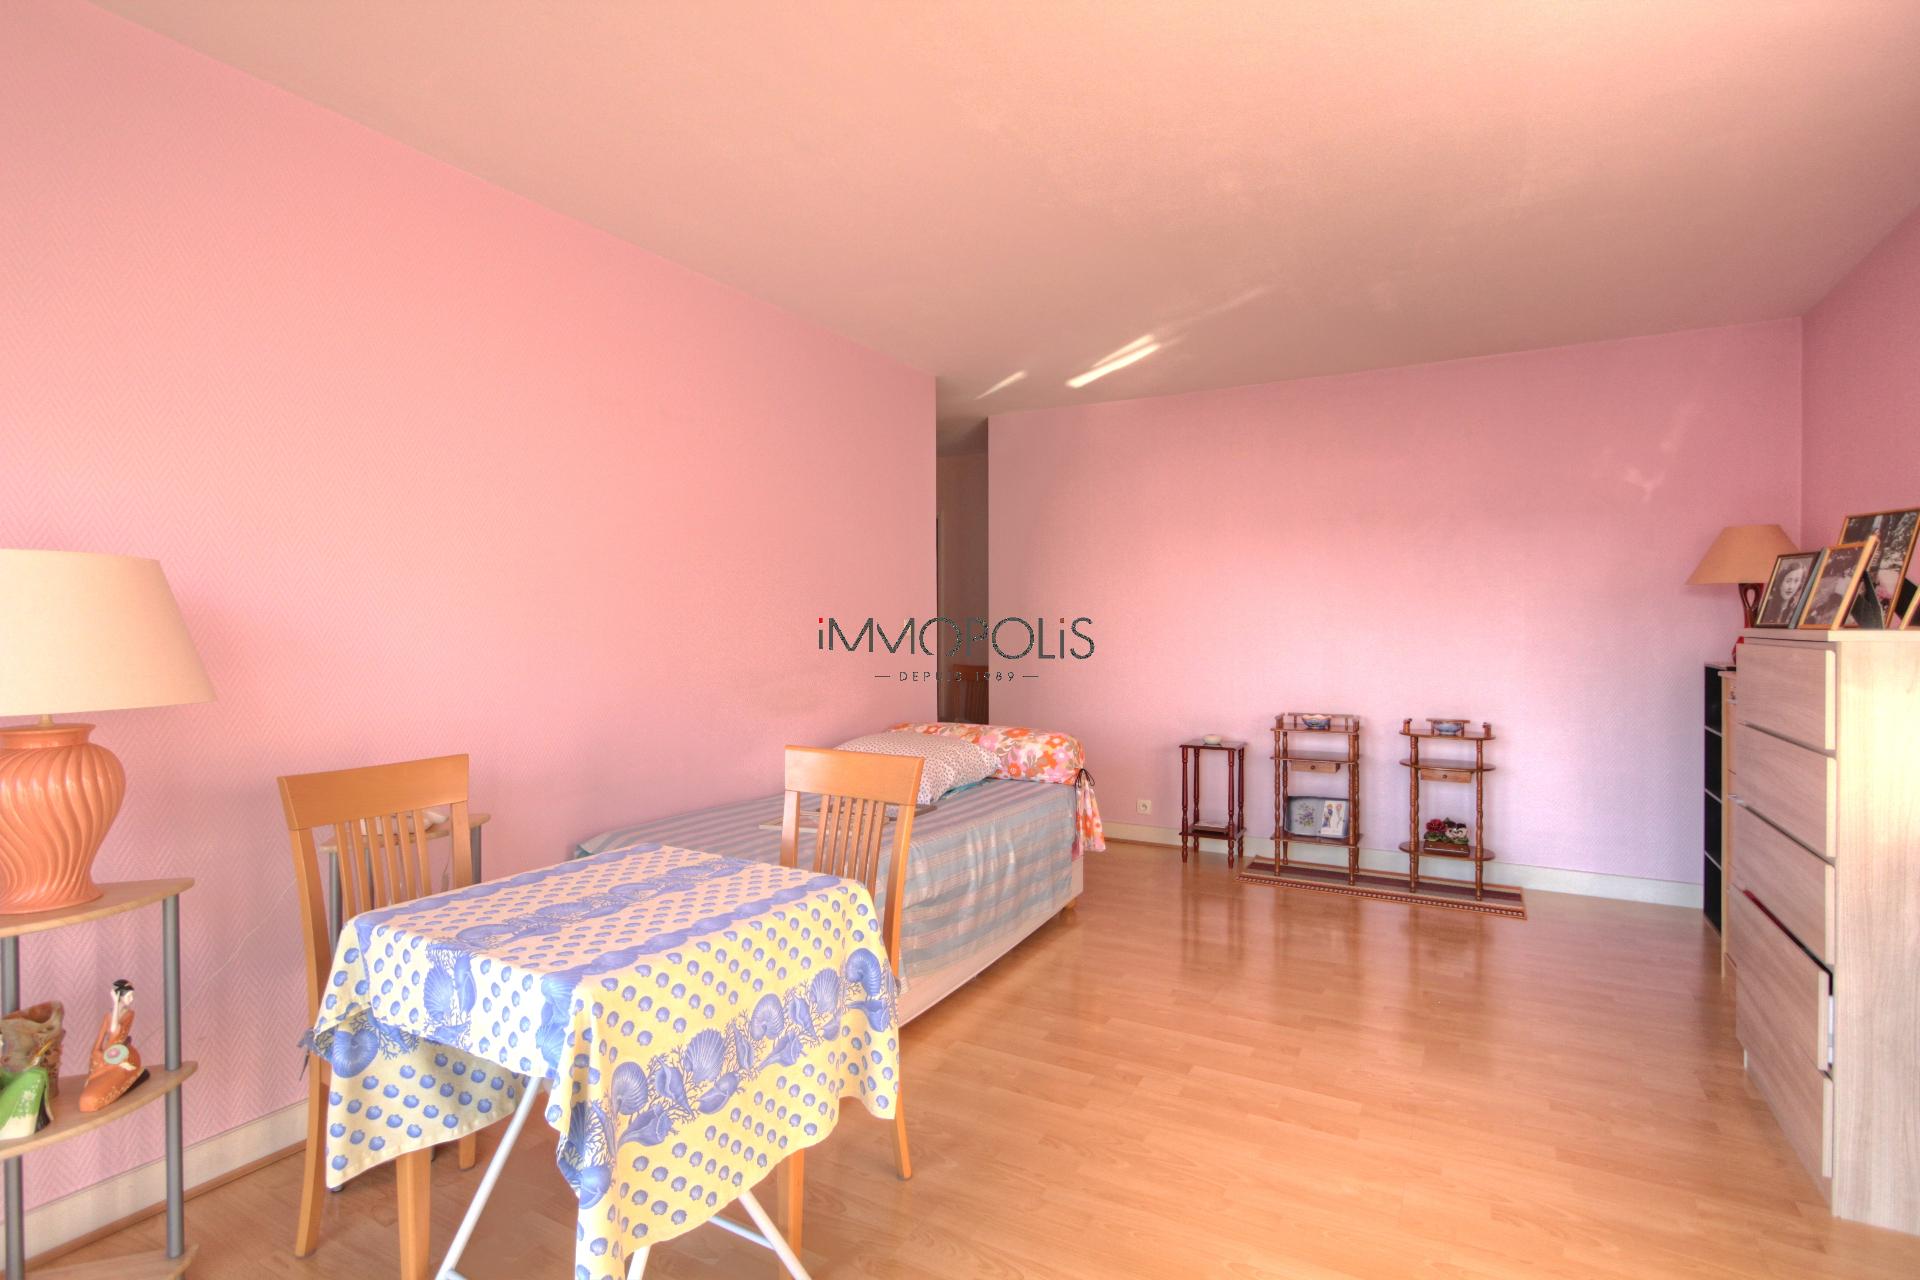 Vente Appartement de 2 pièces 46 m² - PARIS 75018 | IMMOPOLIS RAVIGNAN - AR photo9